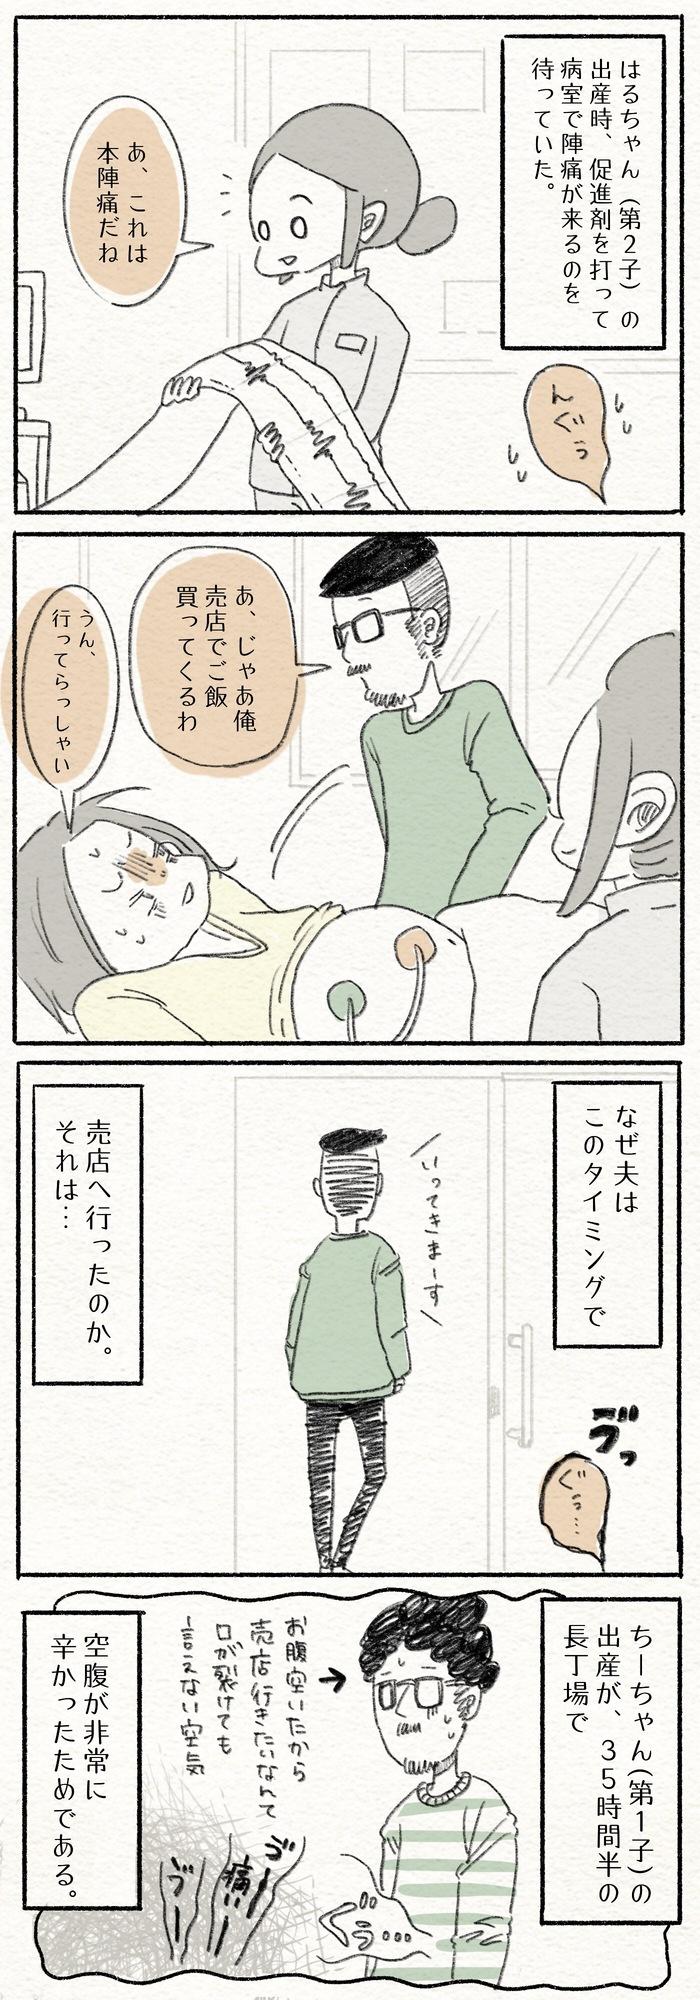 が に は くる 陣痛